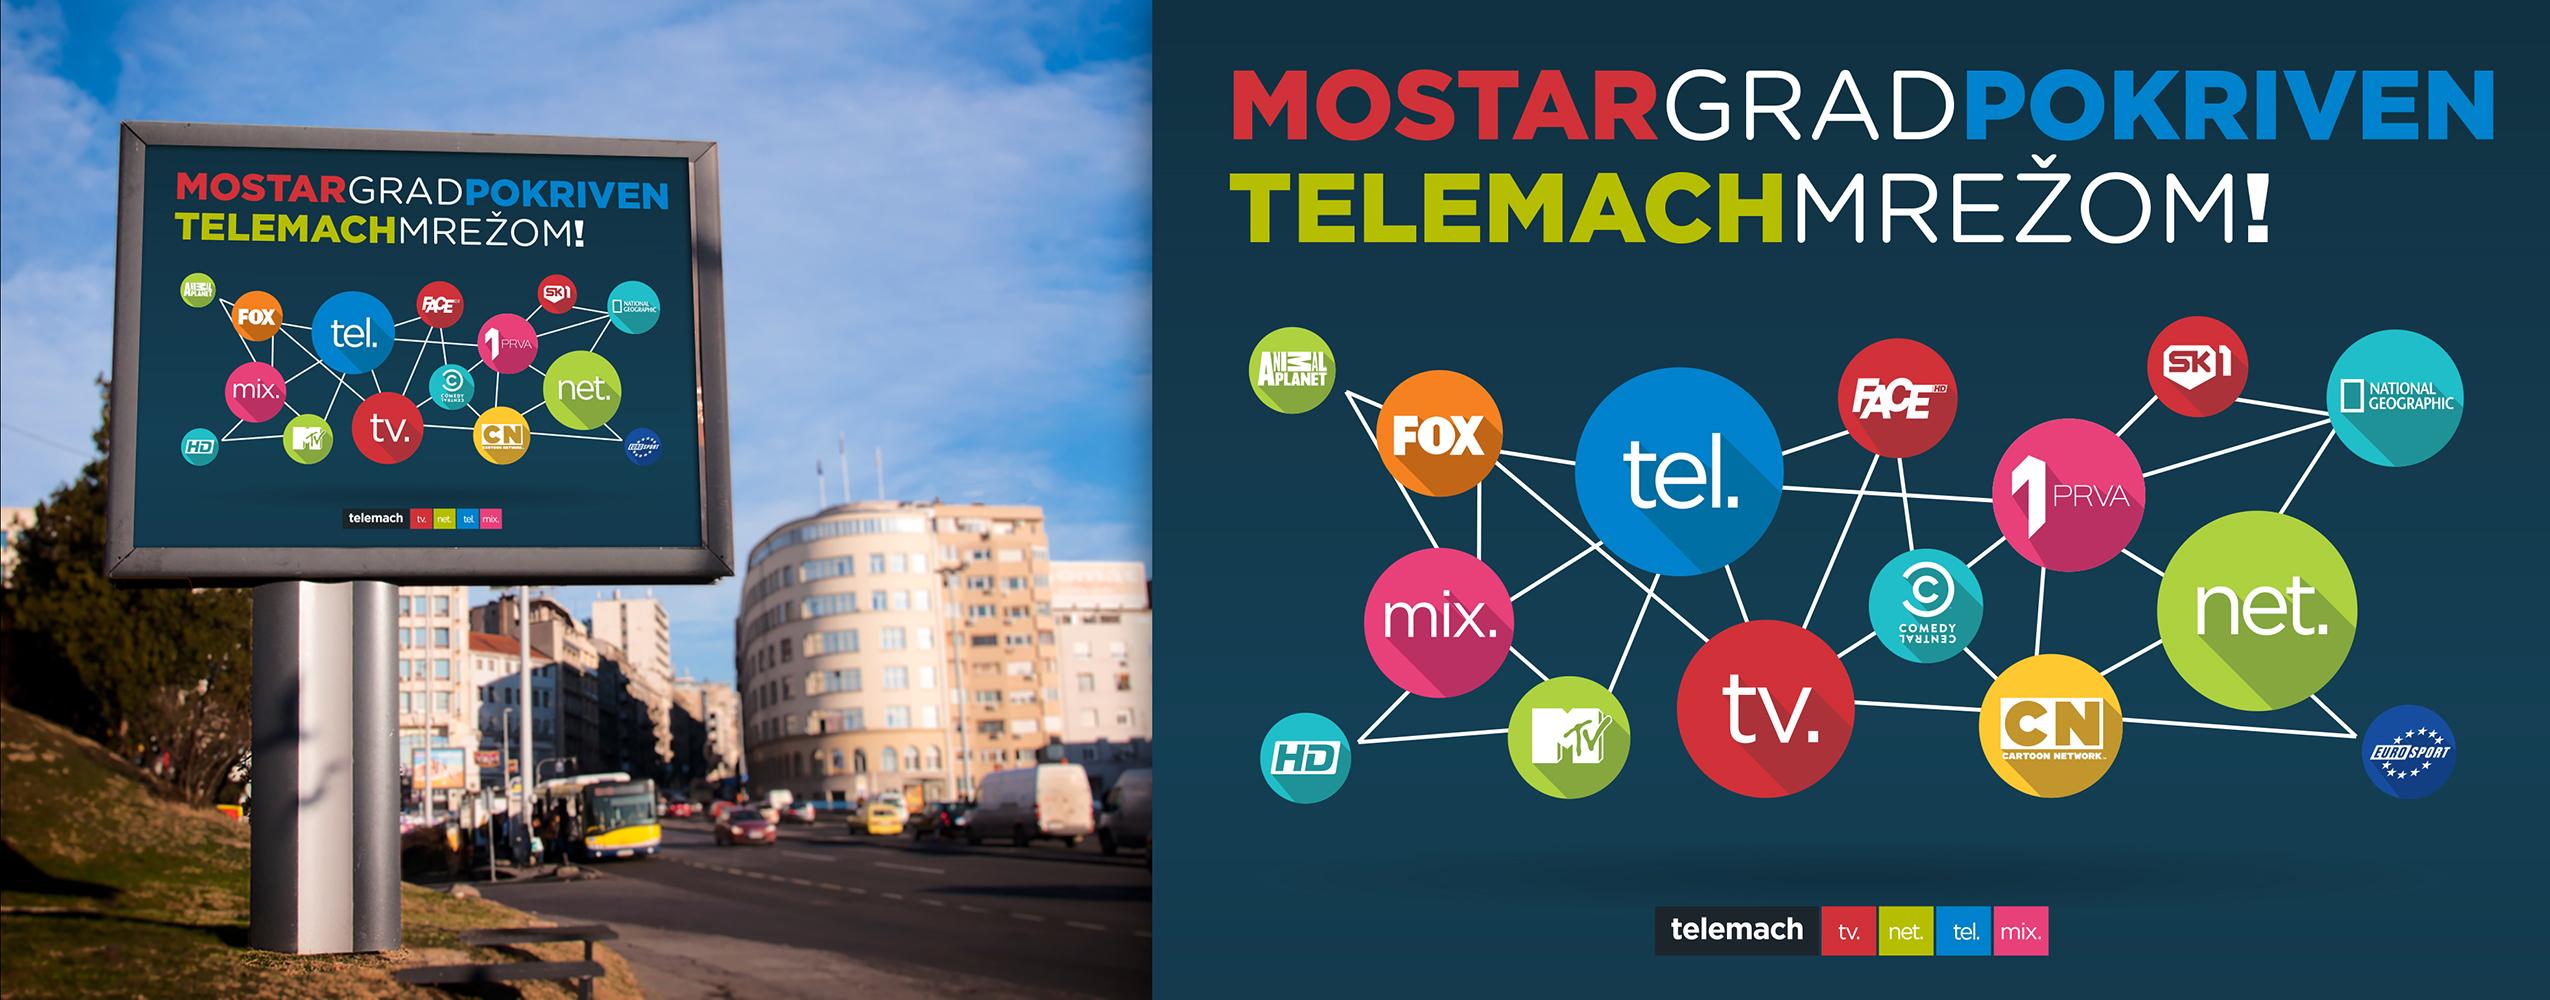 Telemach-Billbord